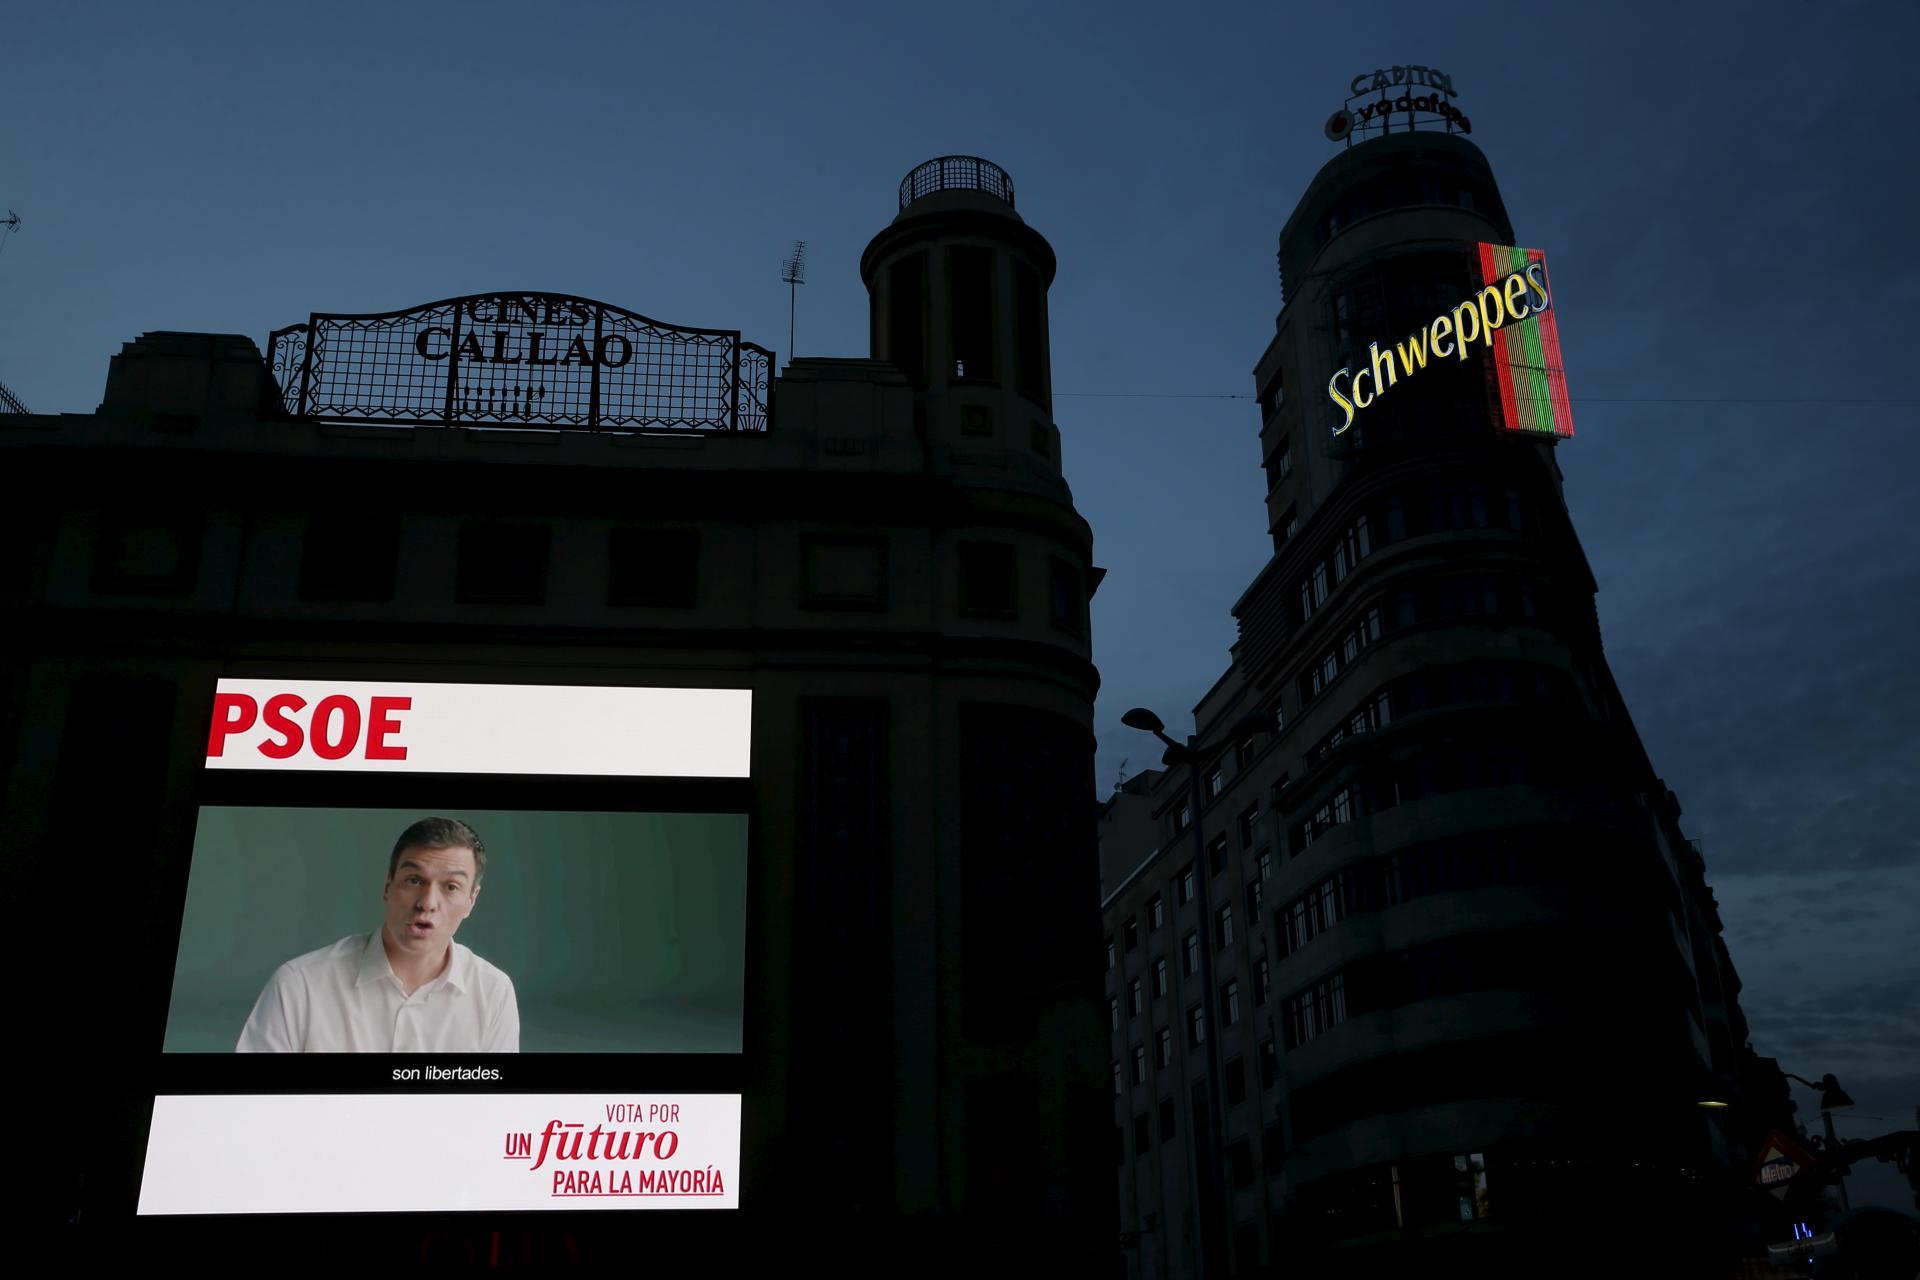 Un cartel de propaganda electoral en la plaza de Callao en Madrid. Susana Vera. Reuters